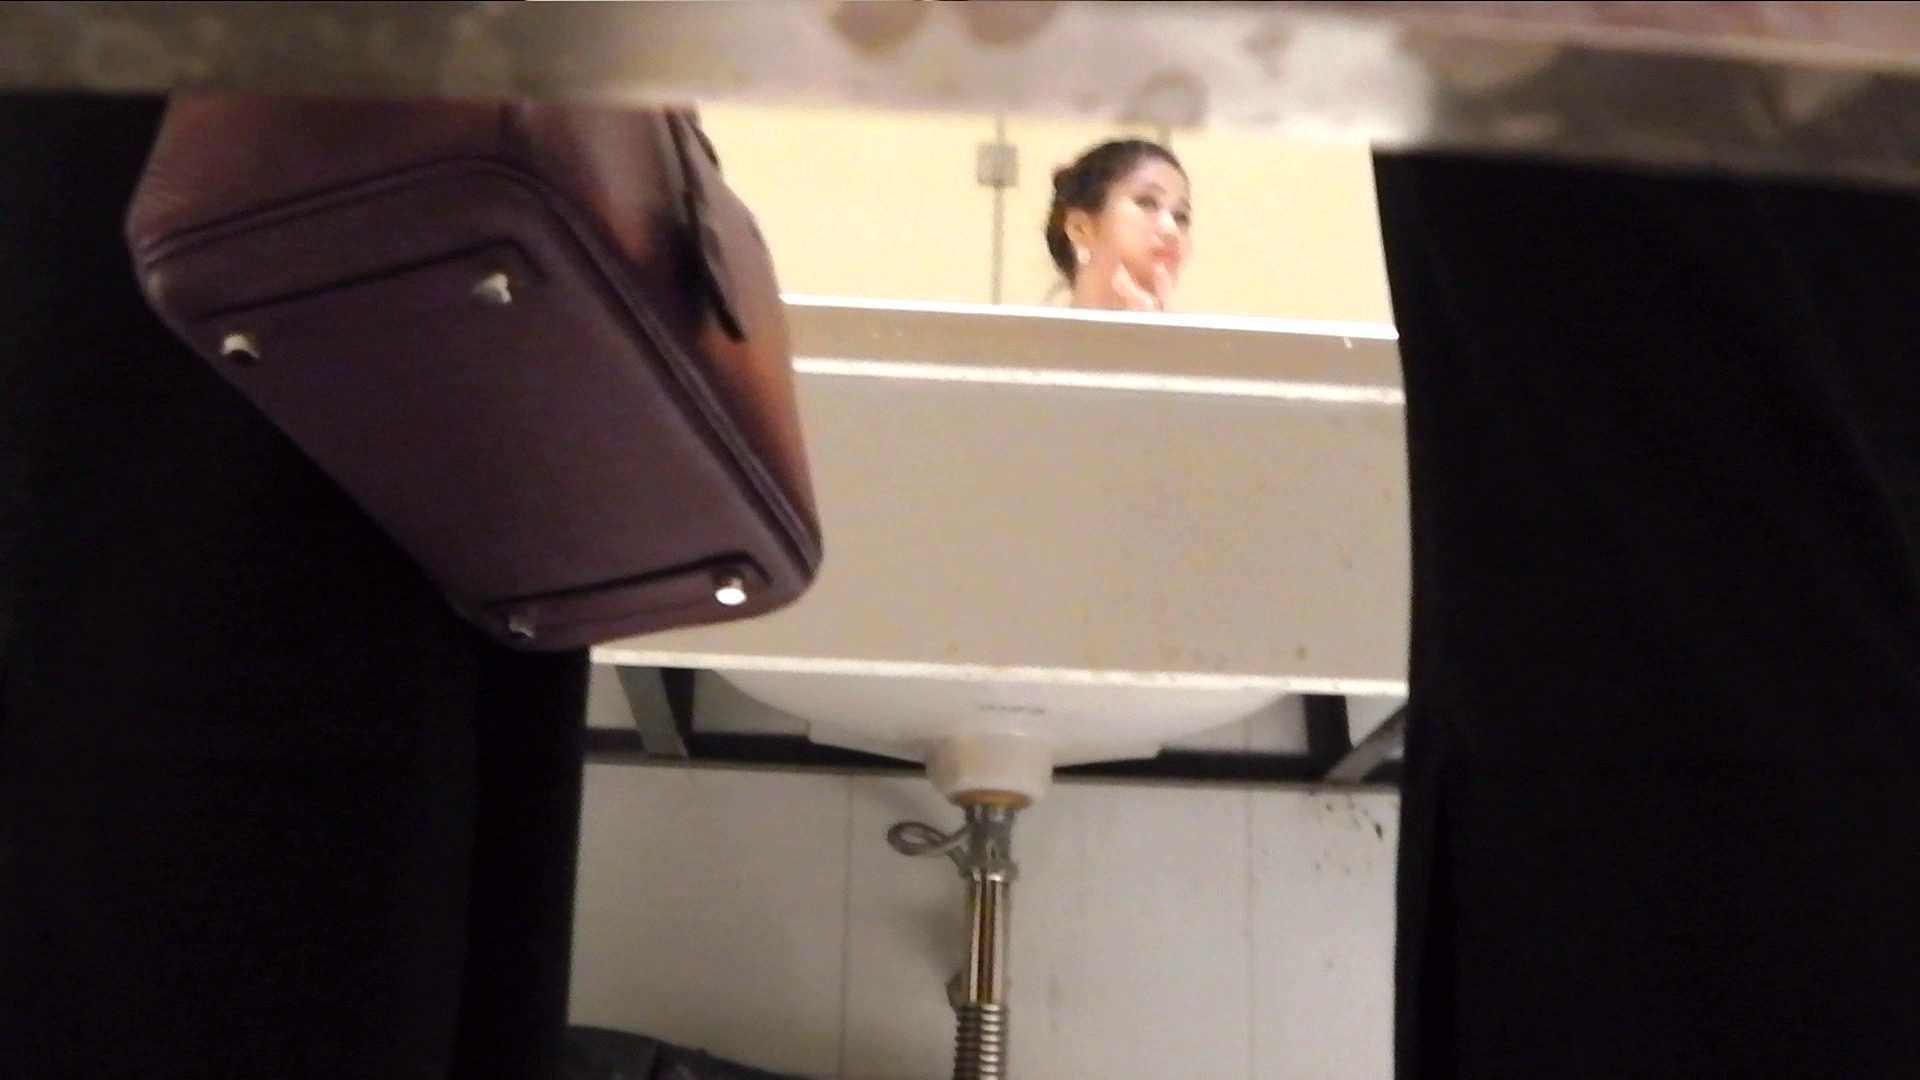 洗寿観音さんの 化粧室は四面楚歌Nol.4 洗面所  104pic 24